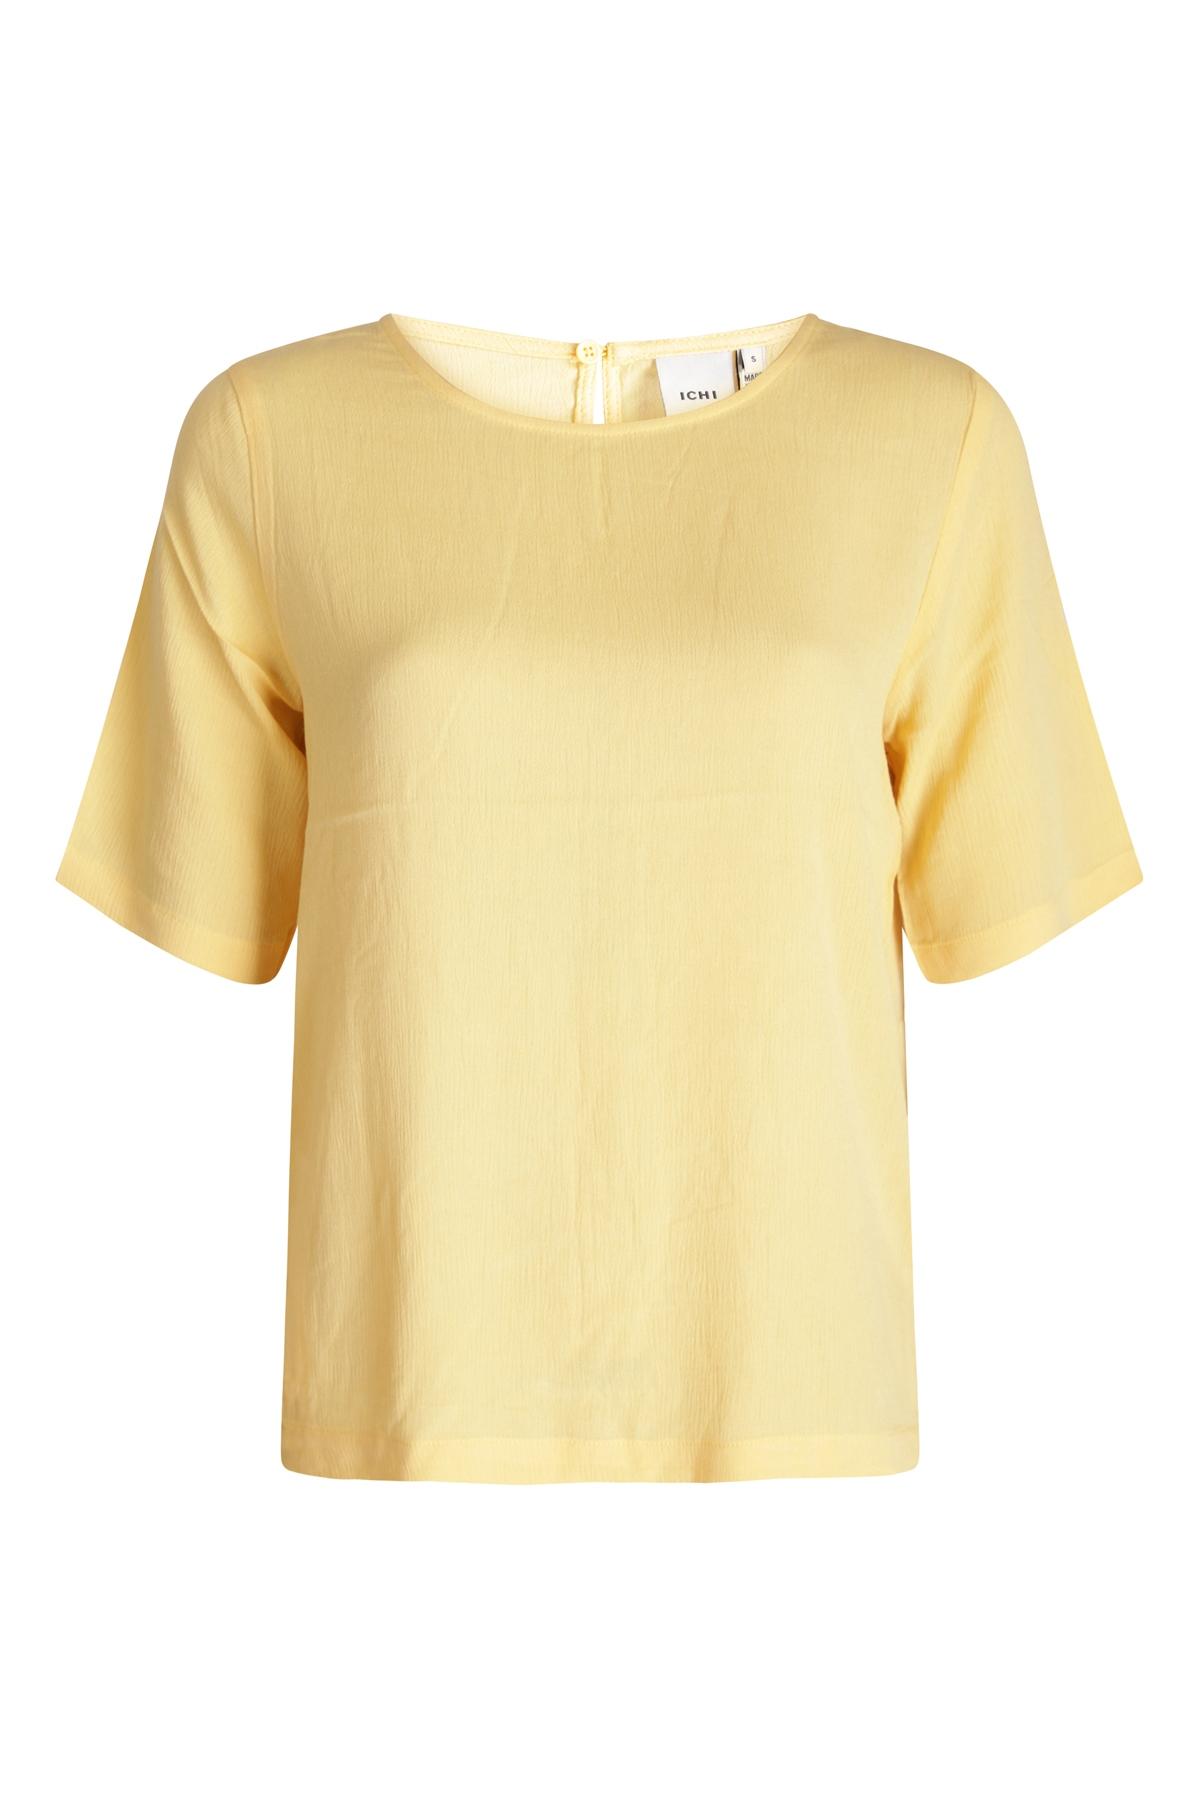 ICHI Shirt - Top Geel Ihmarrakech SO SS3